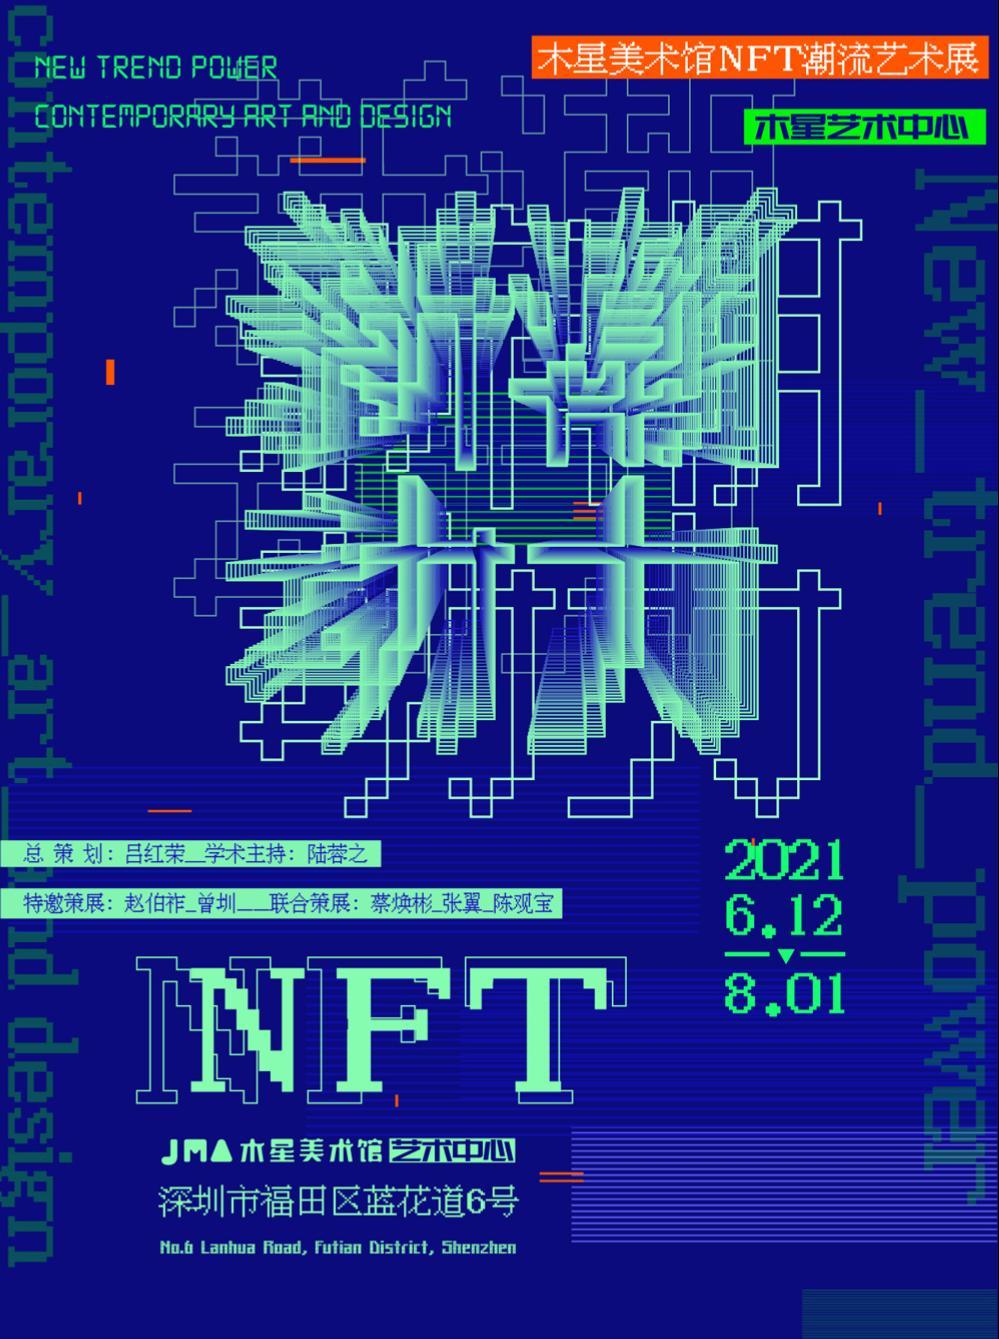 新潮动力-木星美术馆NFT艺术展